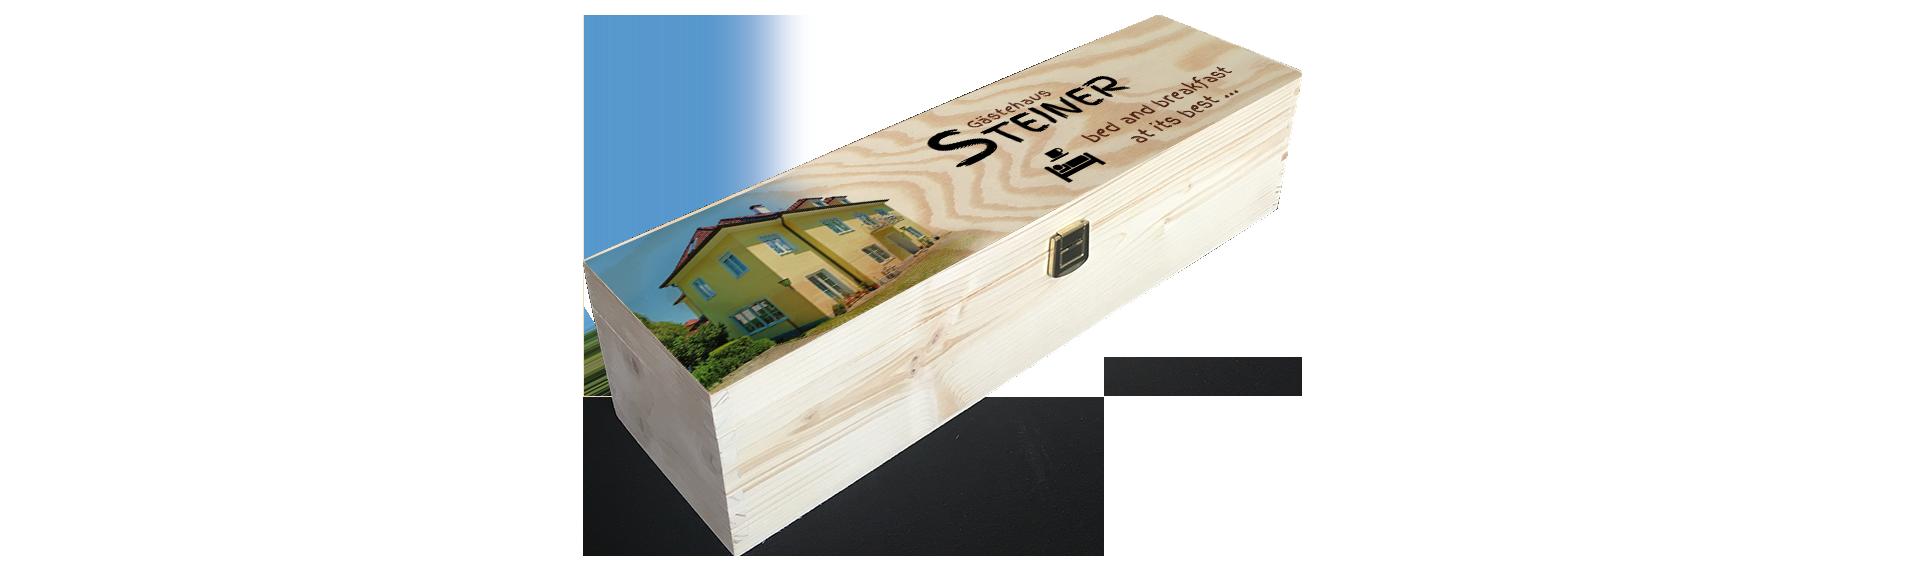 Gästehaus Steiner | Holzkiste Weinkiste  bedruckt